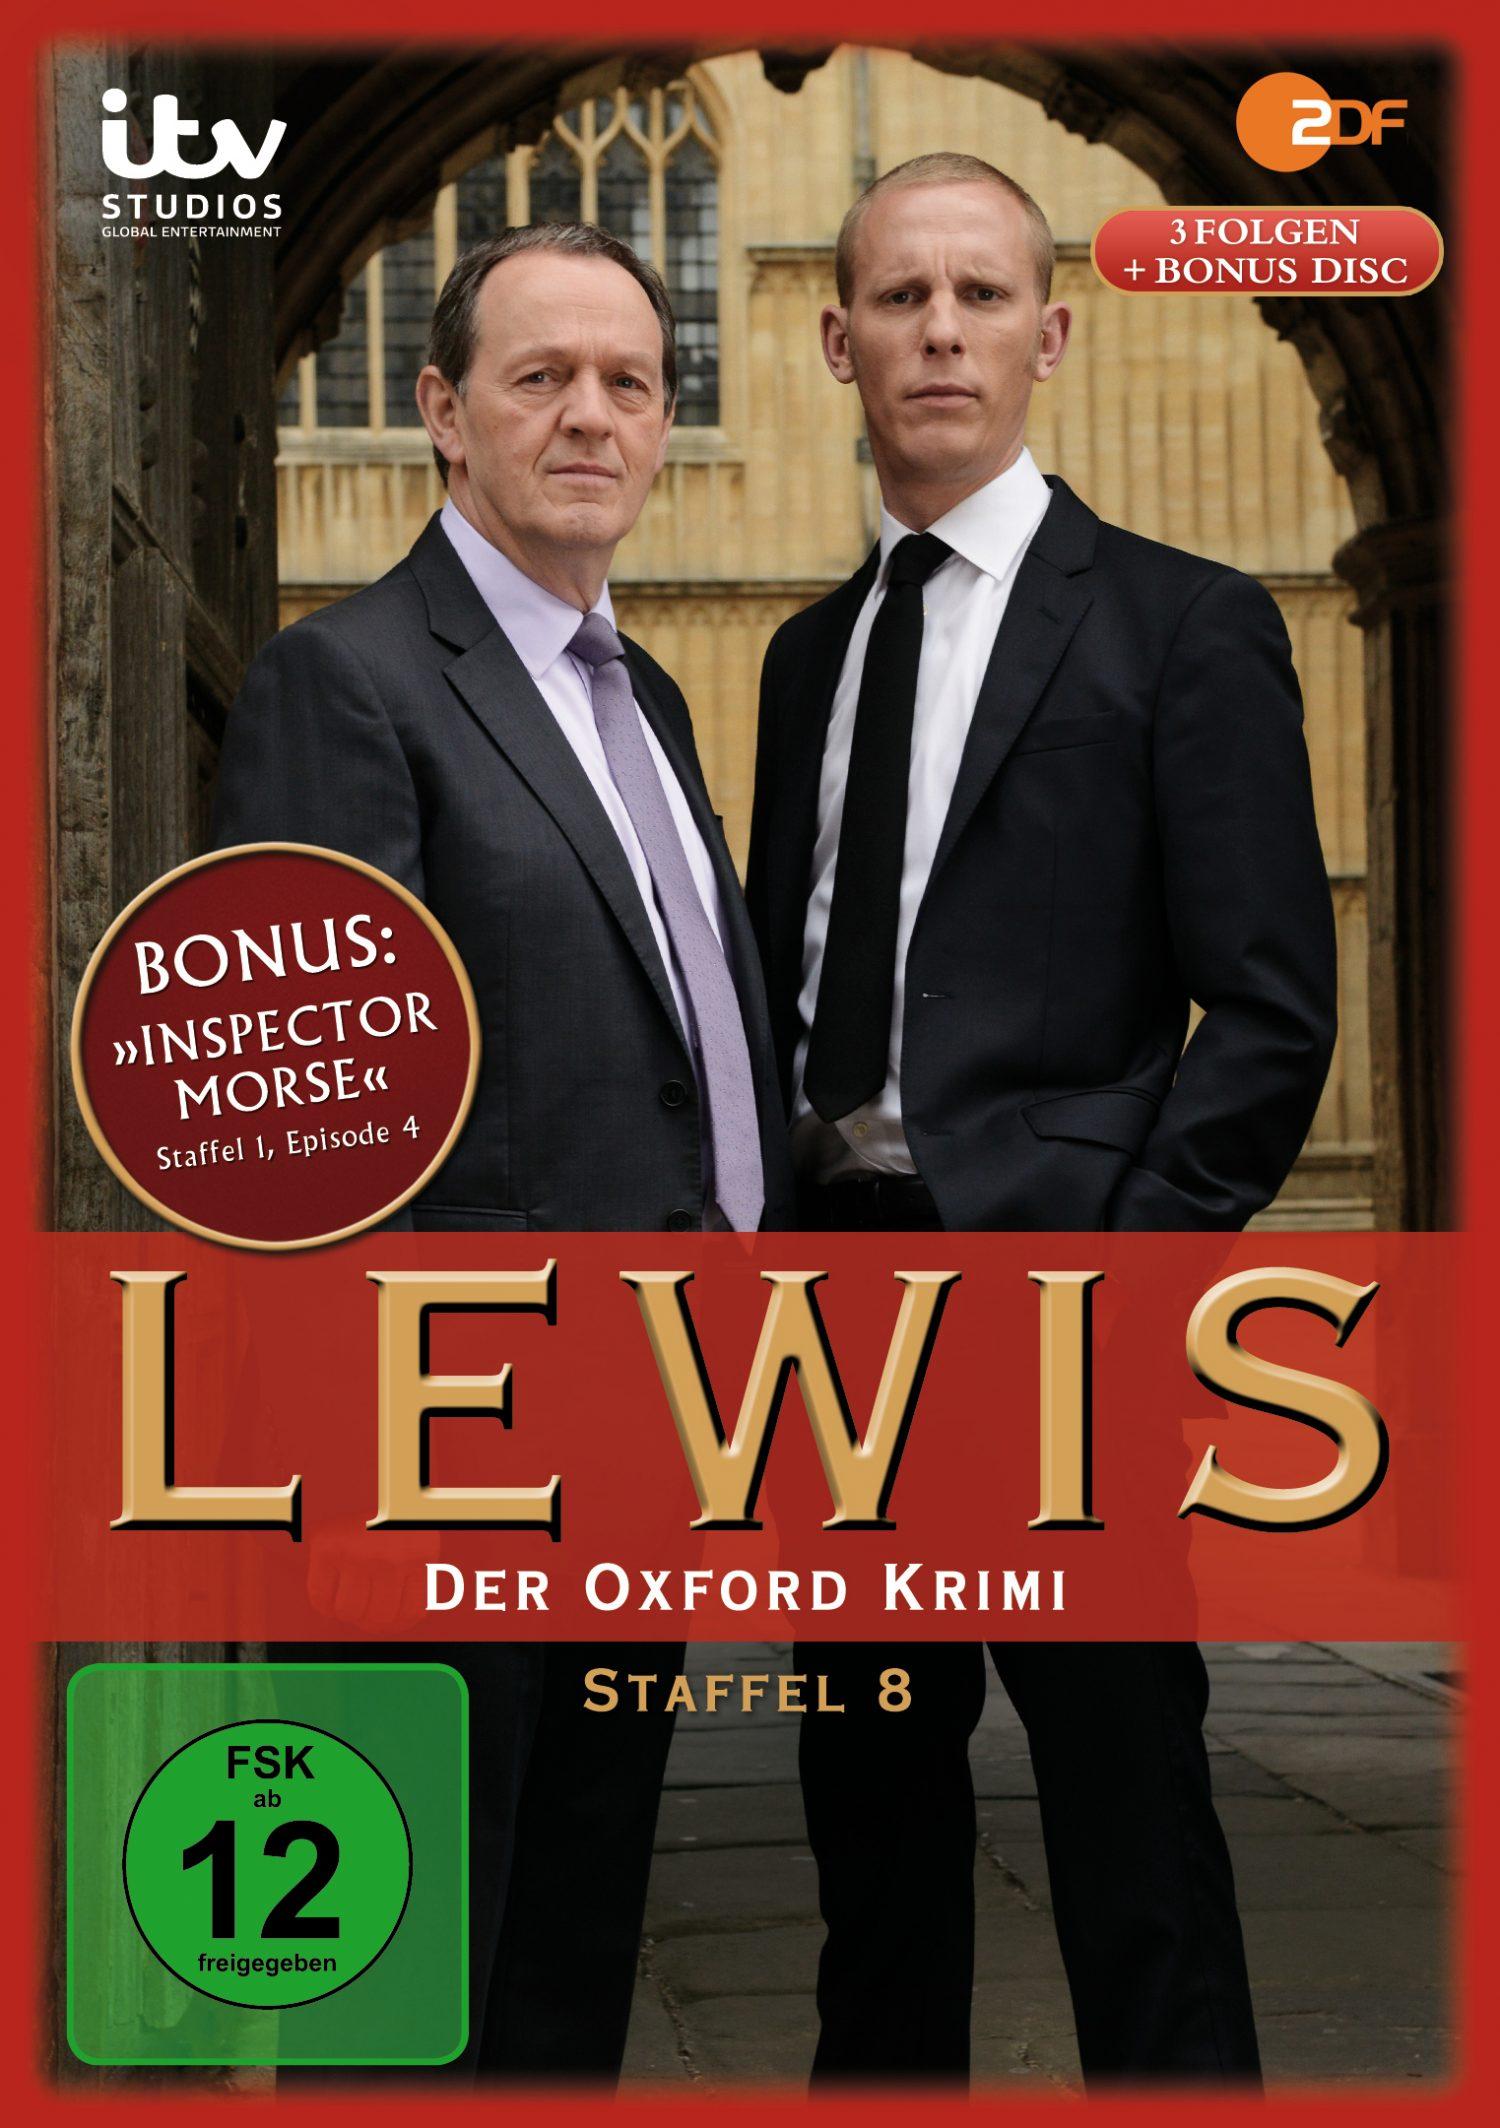 Lewis Der Oxford Krimi Staffel 8 Echte Leute